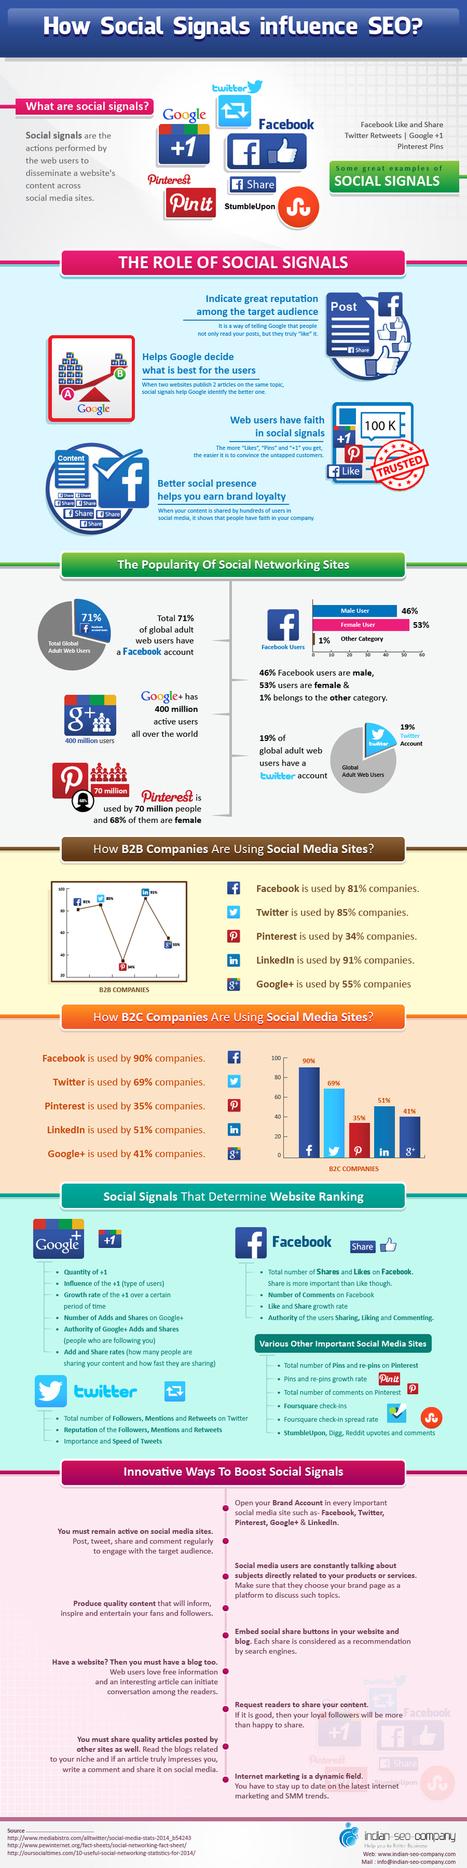 How do Social Signals Impact SEO? -via SocialTimes | Interesting articles | Scoop.it